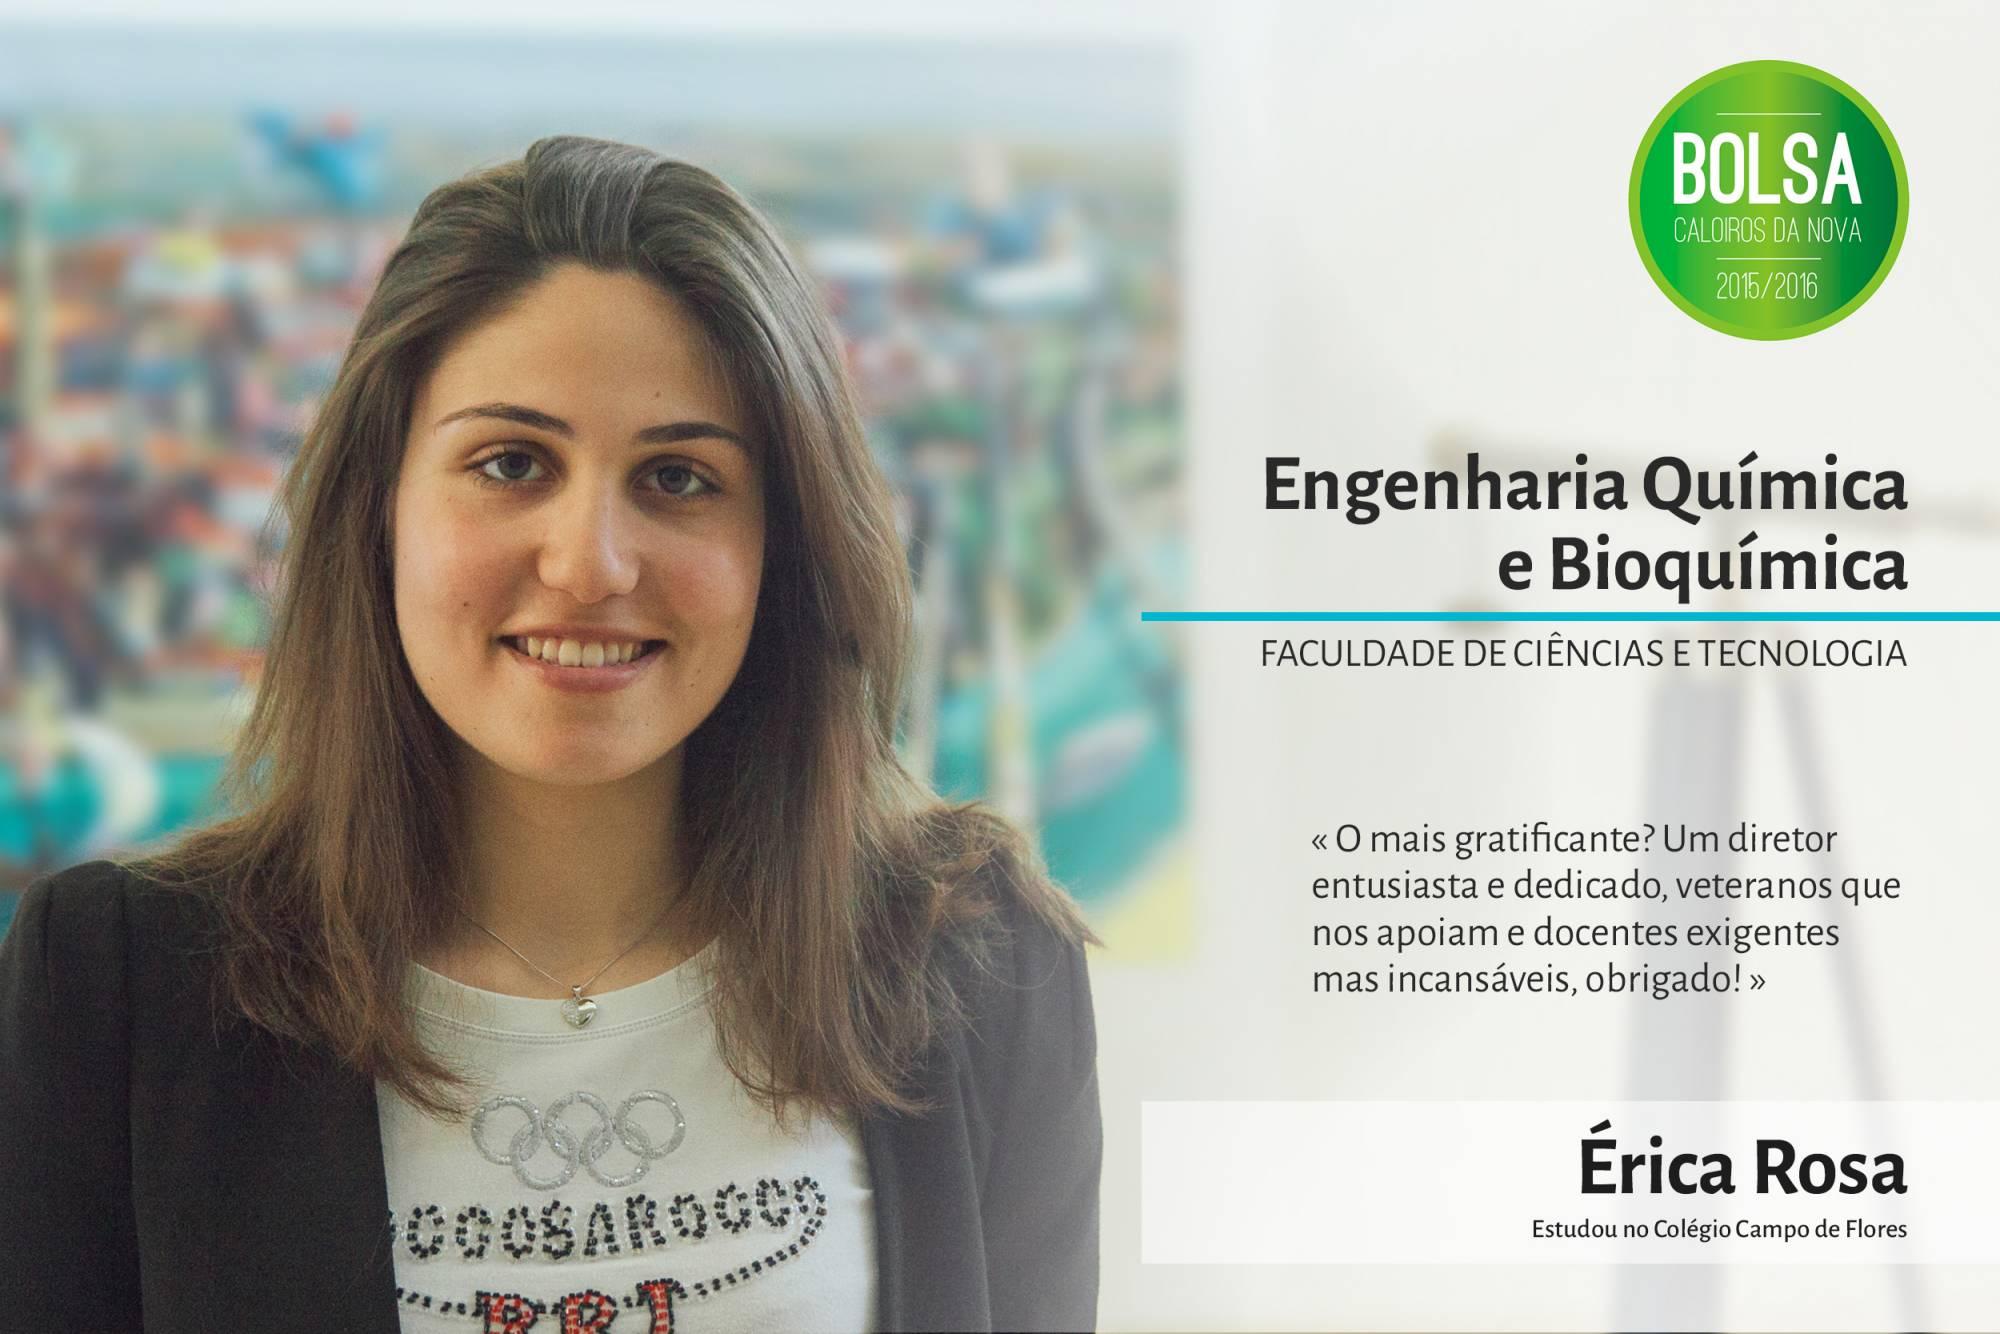 Érica Rosa, Faculdade de Ciências e Tecnologia da NOVA